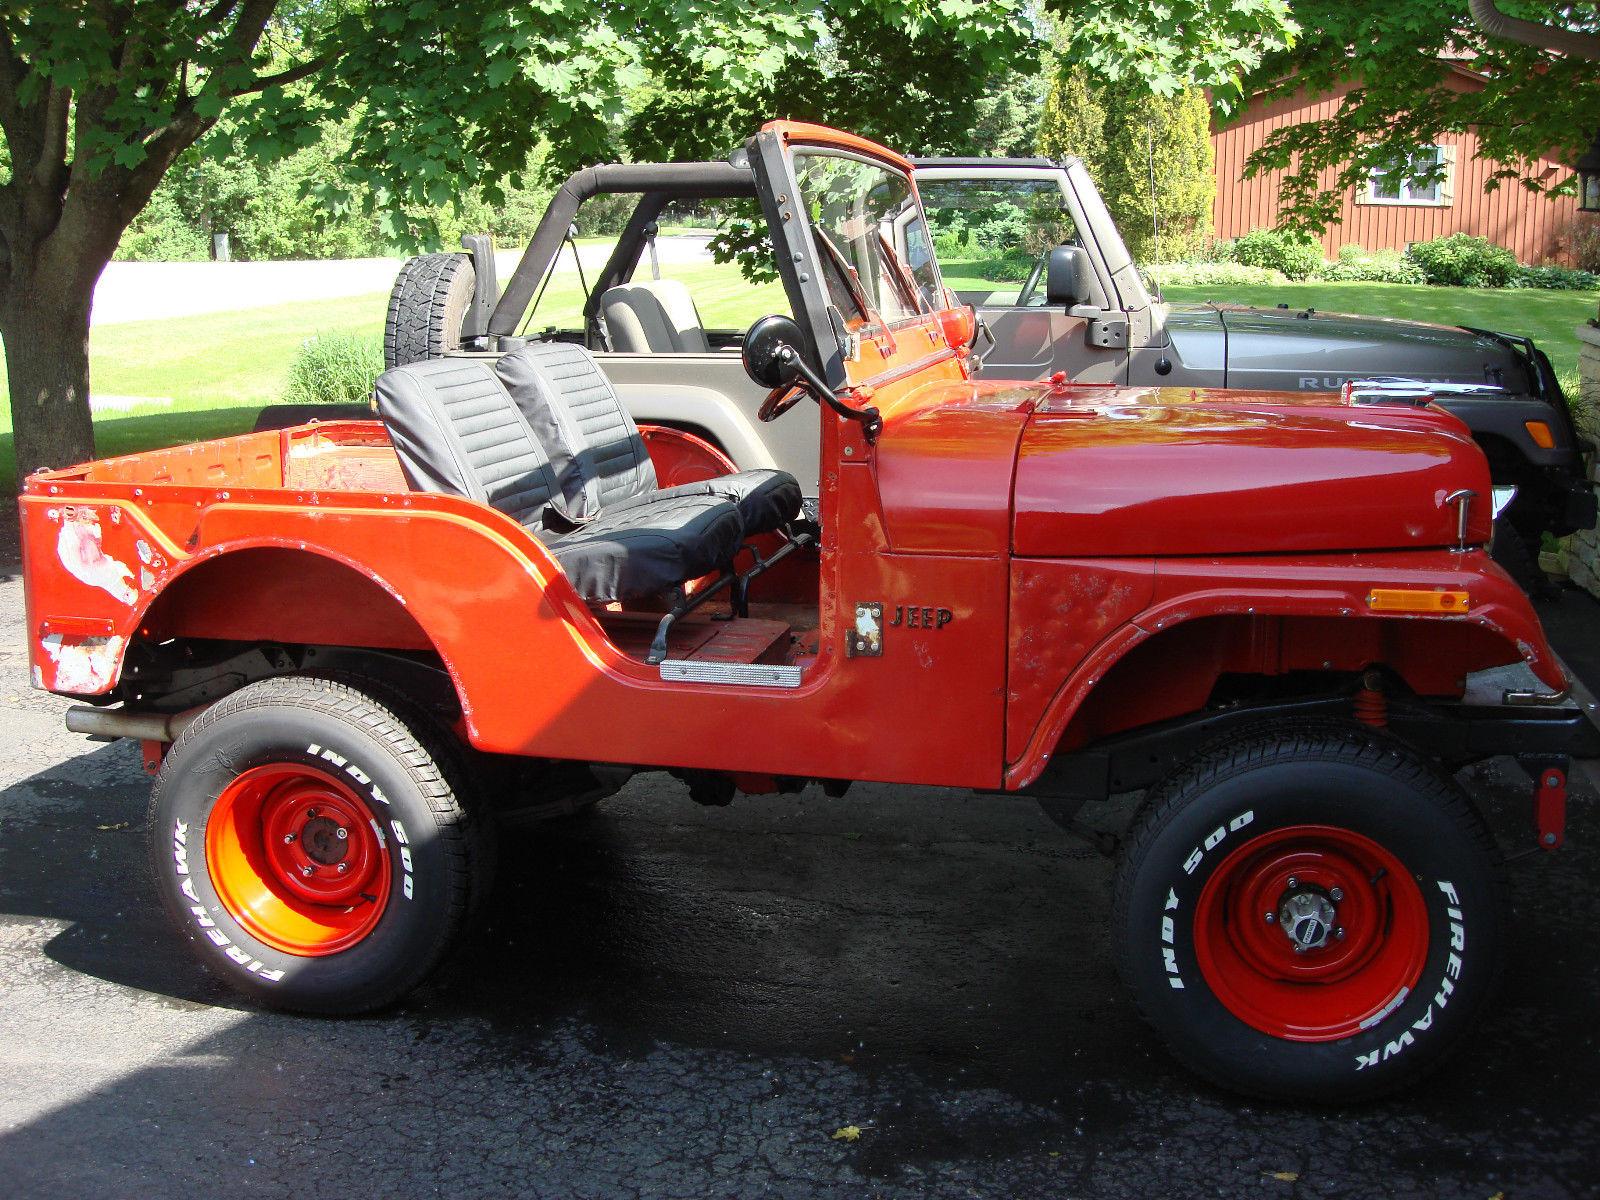 1971 Jeep Cj5 Hotrod Ratrod 302v8 Auto 4x4 With Factory